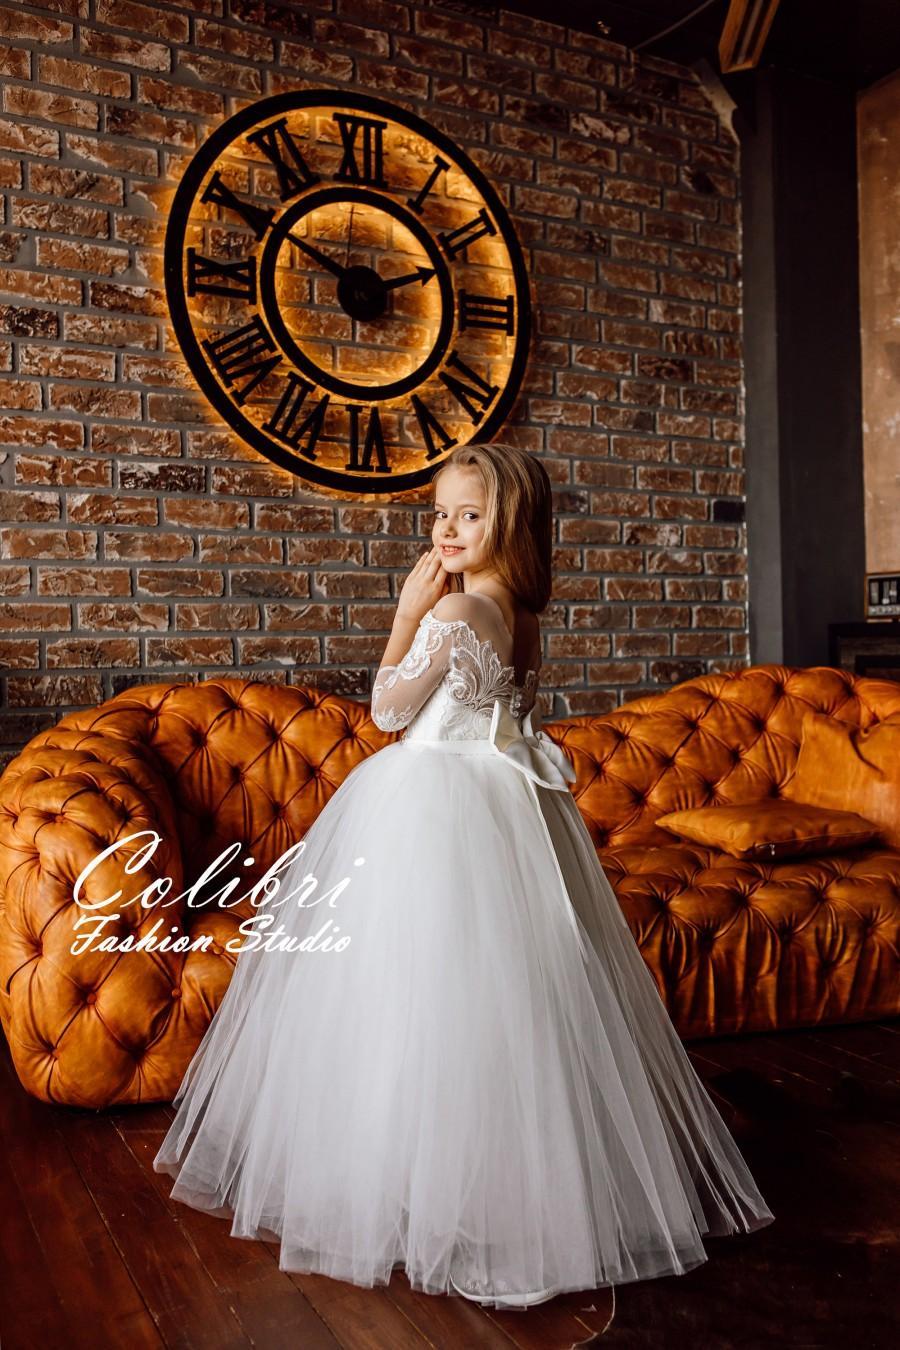 Wedding - Flower girl dress, Flower girl dress tulle, Flower girl dress long sleeve, Lace flower girl dress,  Communion dress, Flower girl dress ivory